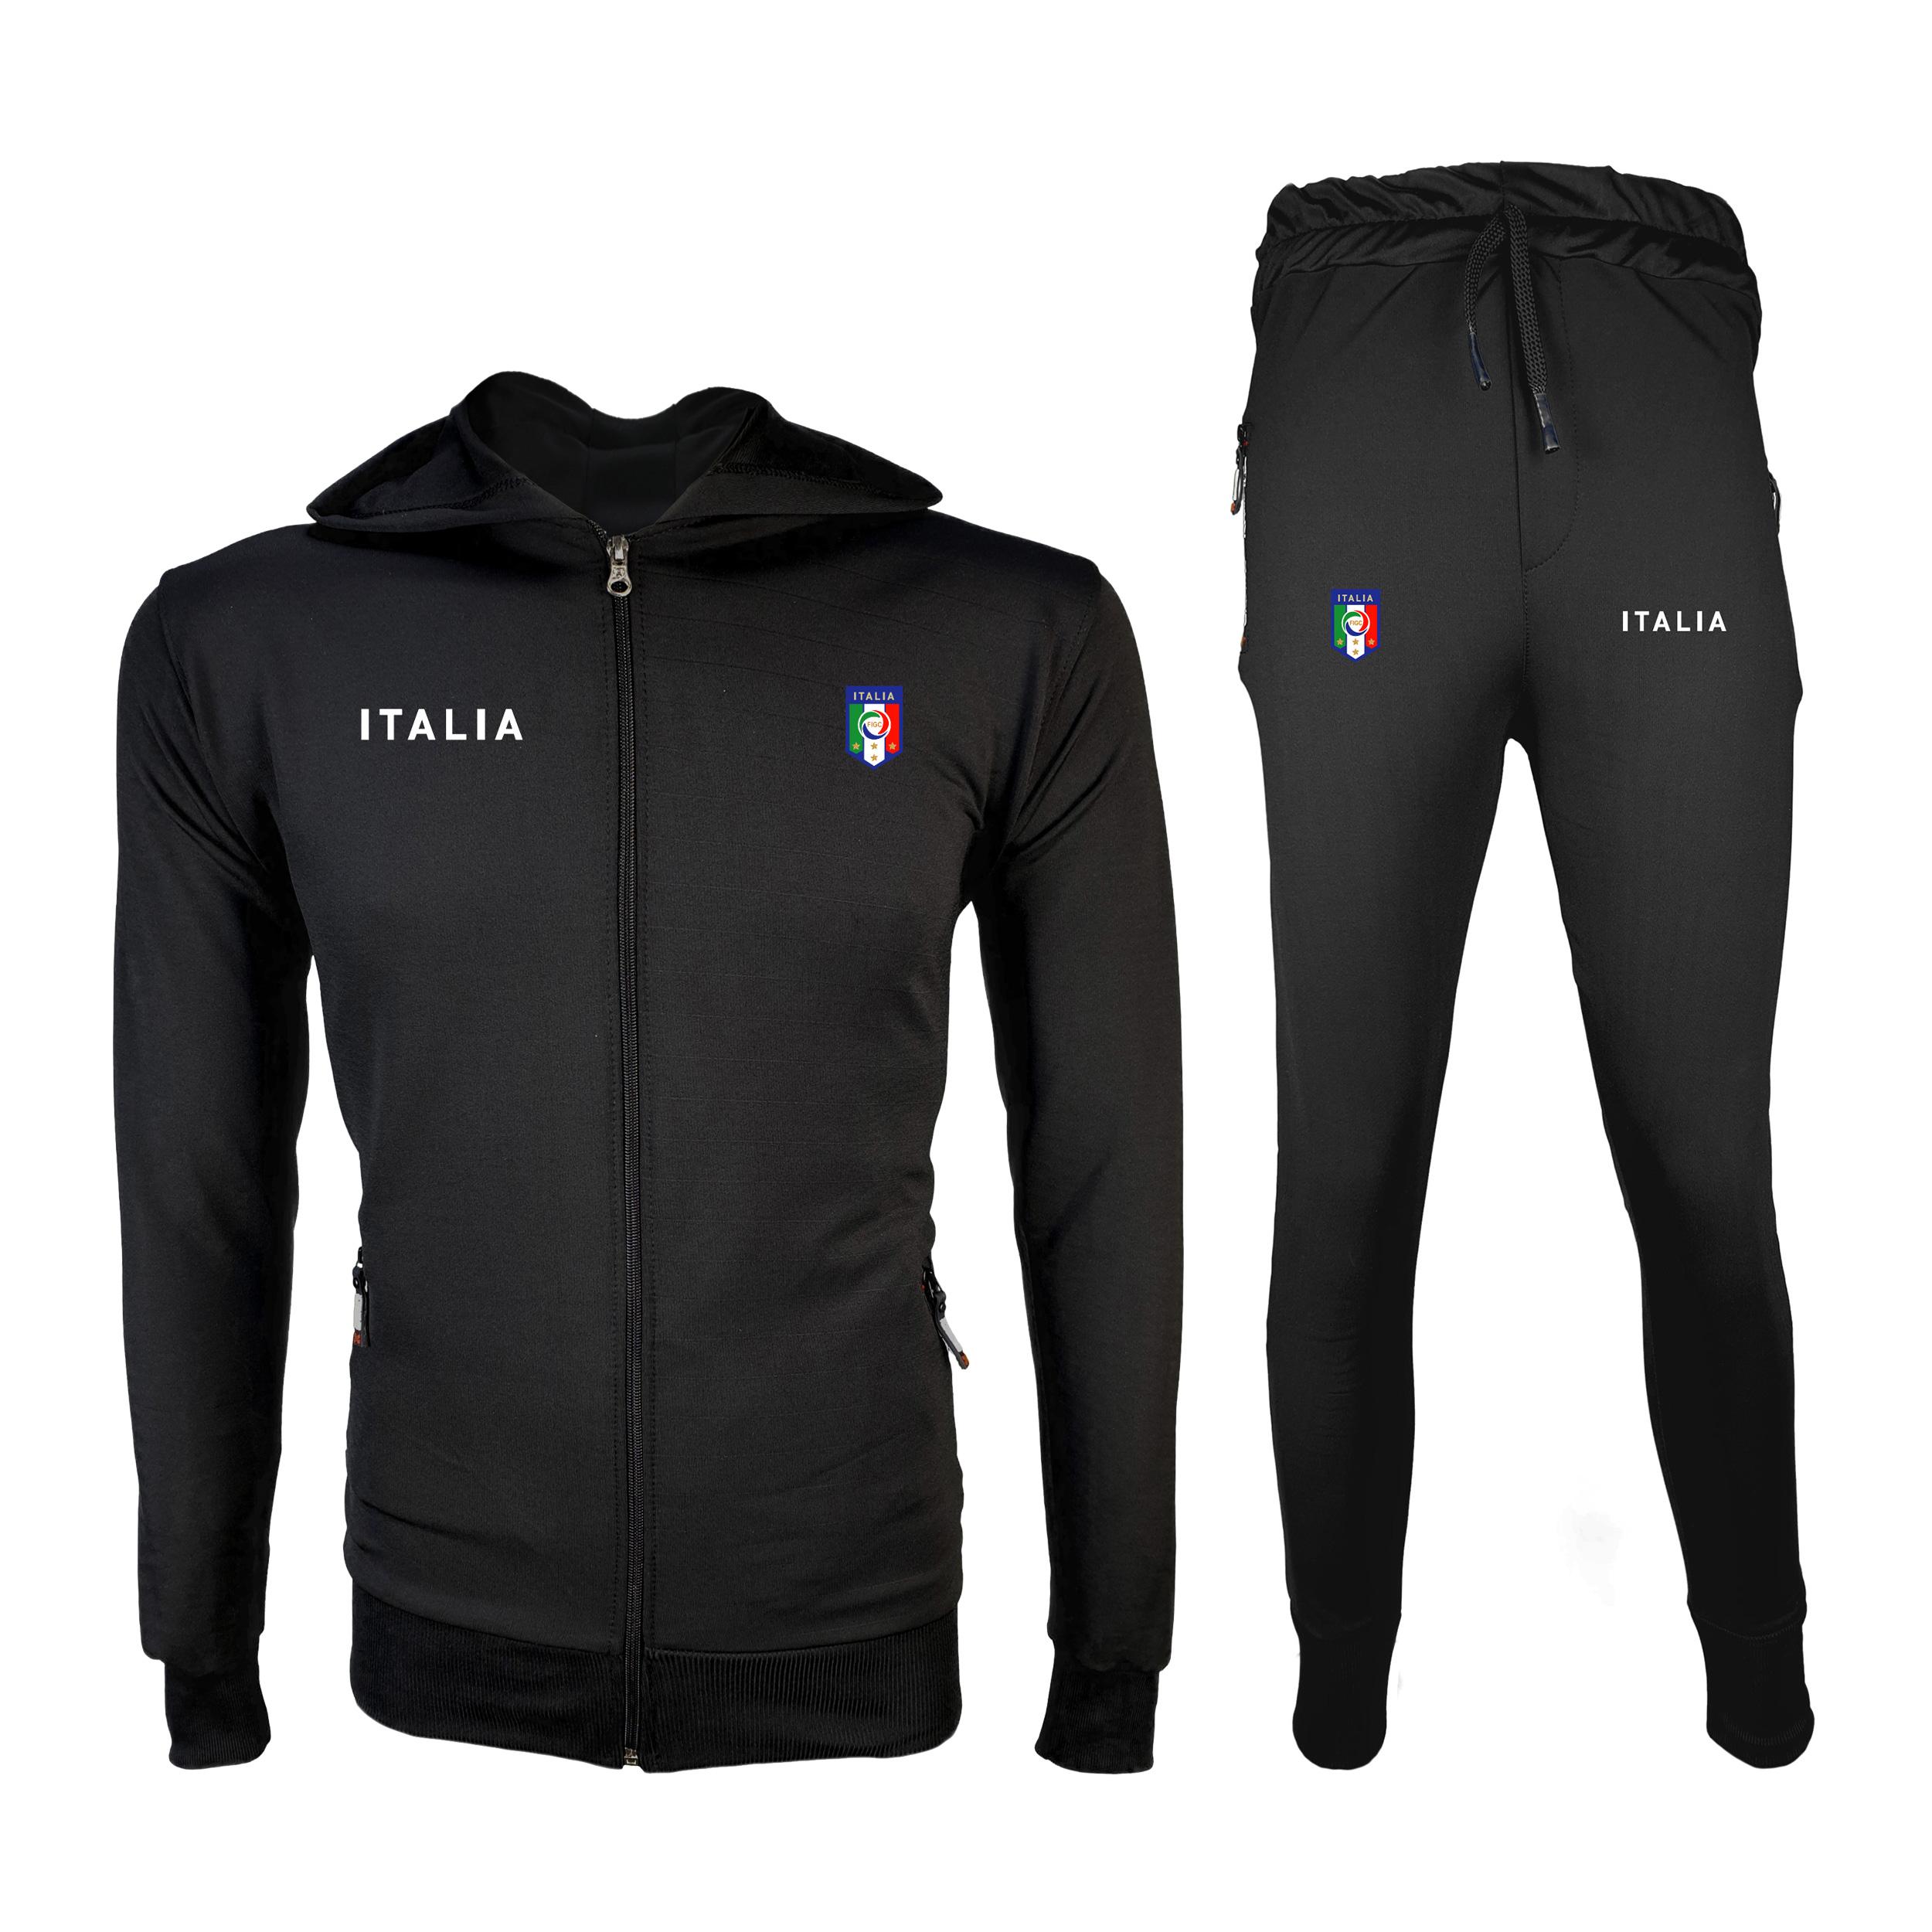 ست سویشرت و شلوار ورزشی مردانه پاتیلوک مدل ایتالیا کد 400134